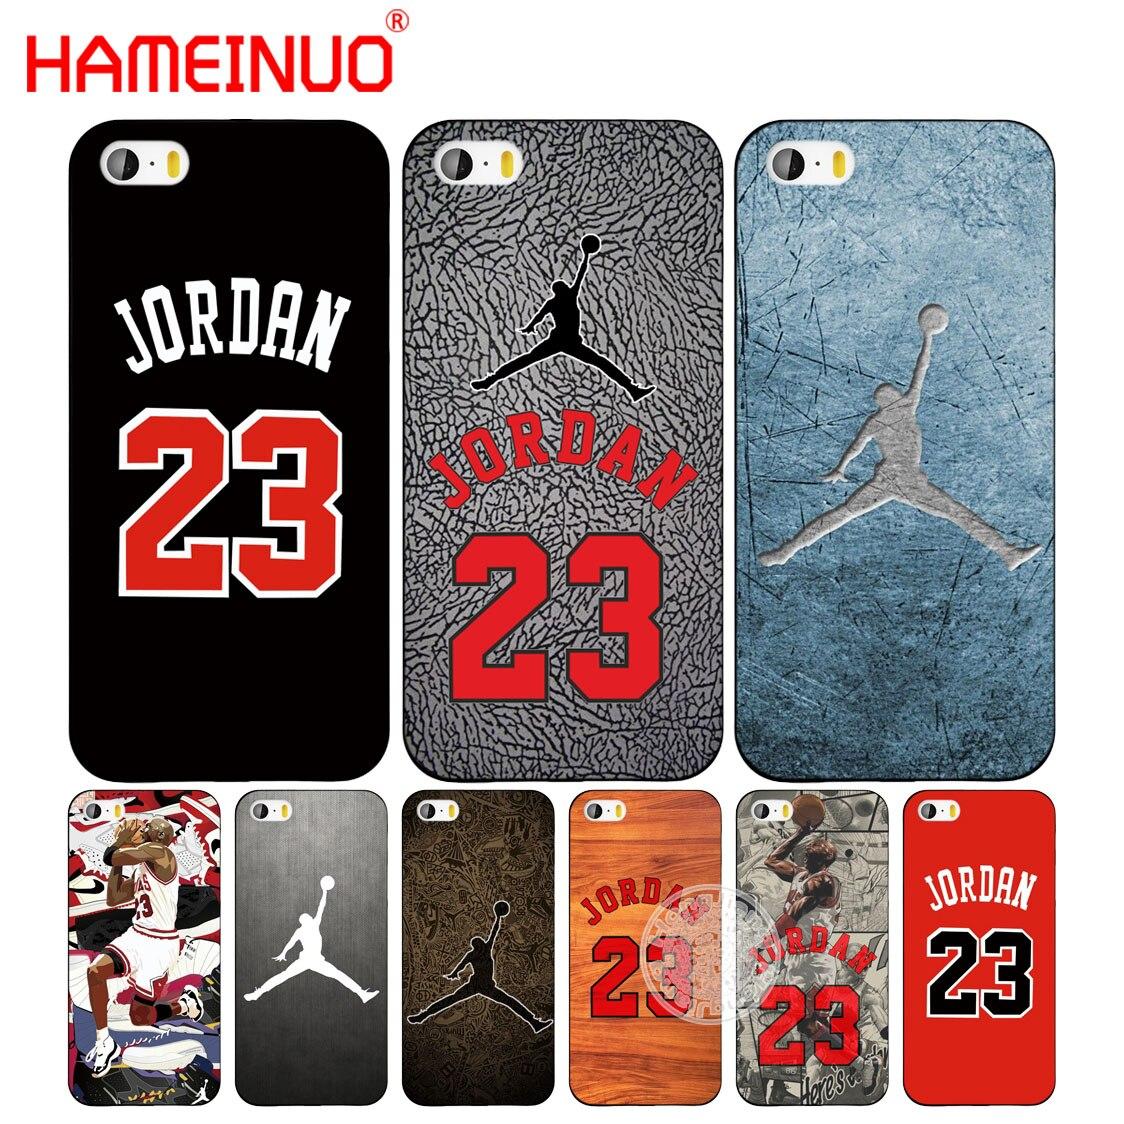 HAMEINUO jordan <font><b>23</b></font> cell phone Cover case for iphone 6 4 4s <font><b>5</b></font> 5s SE 5c 6 6s 7 <font><b>8</b></font> plus case for iphone 7 <font><b>X</b></font>